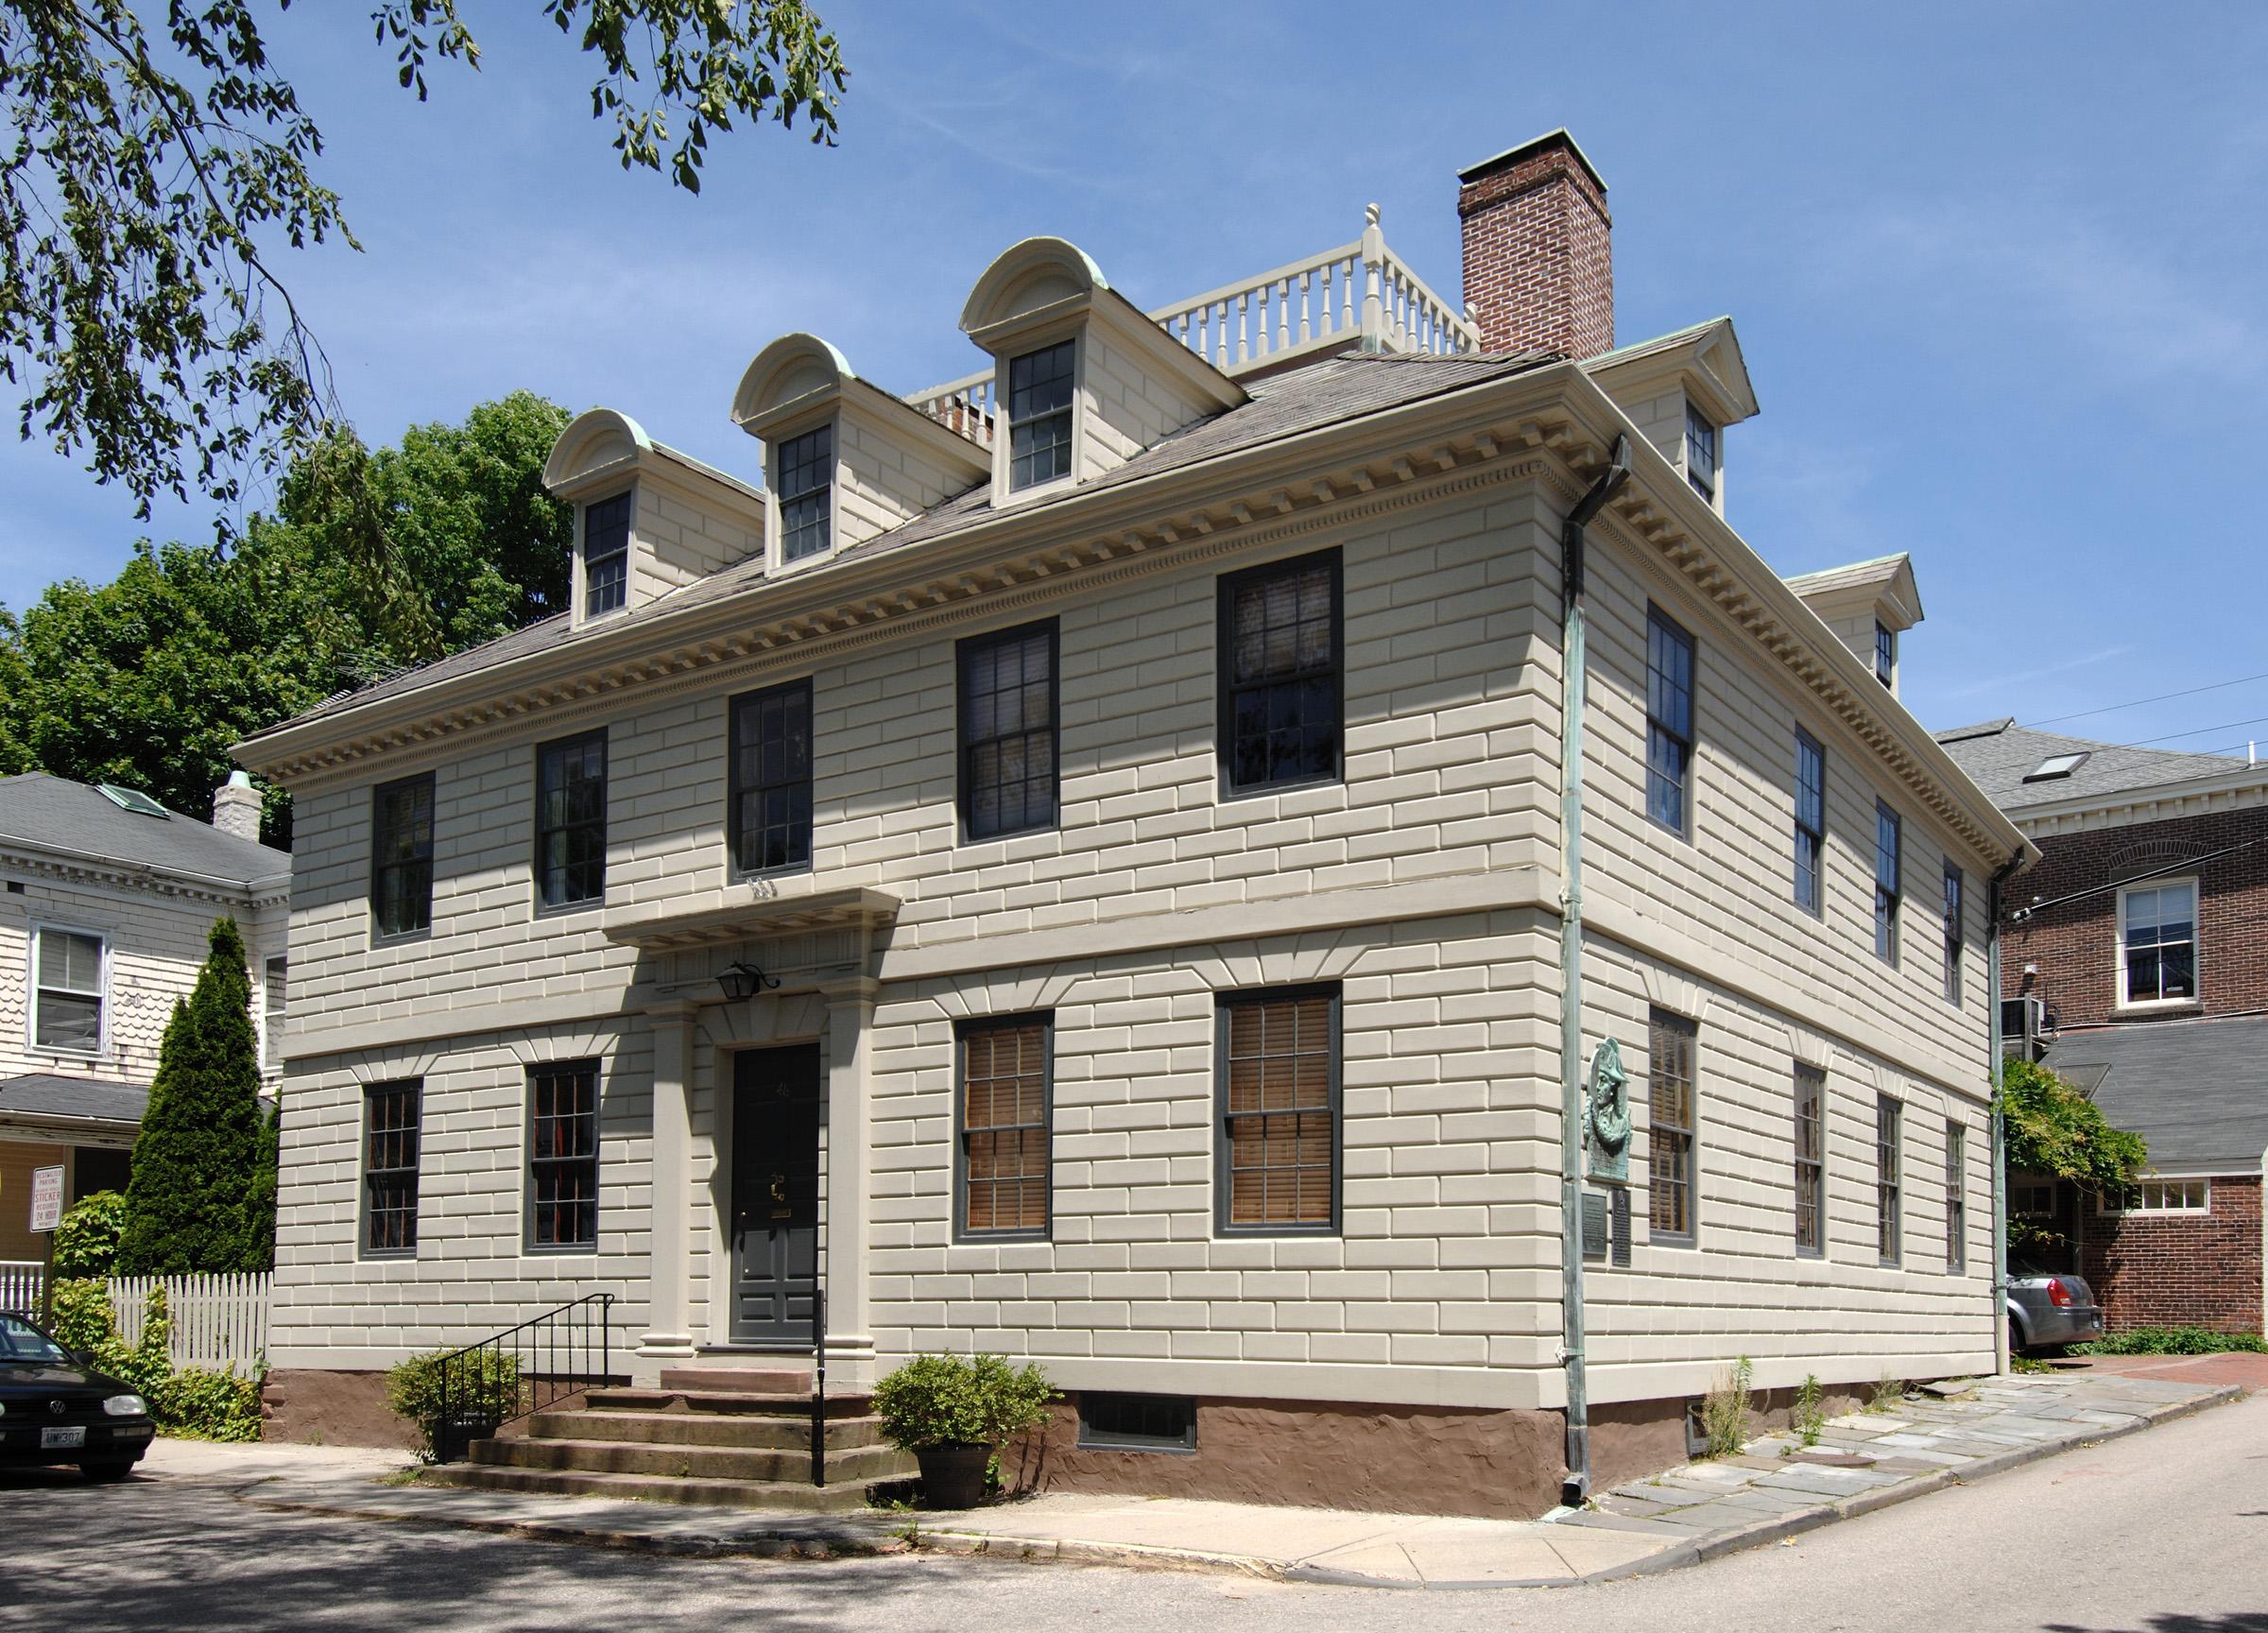 The Vernon House